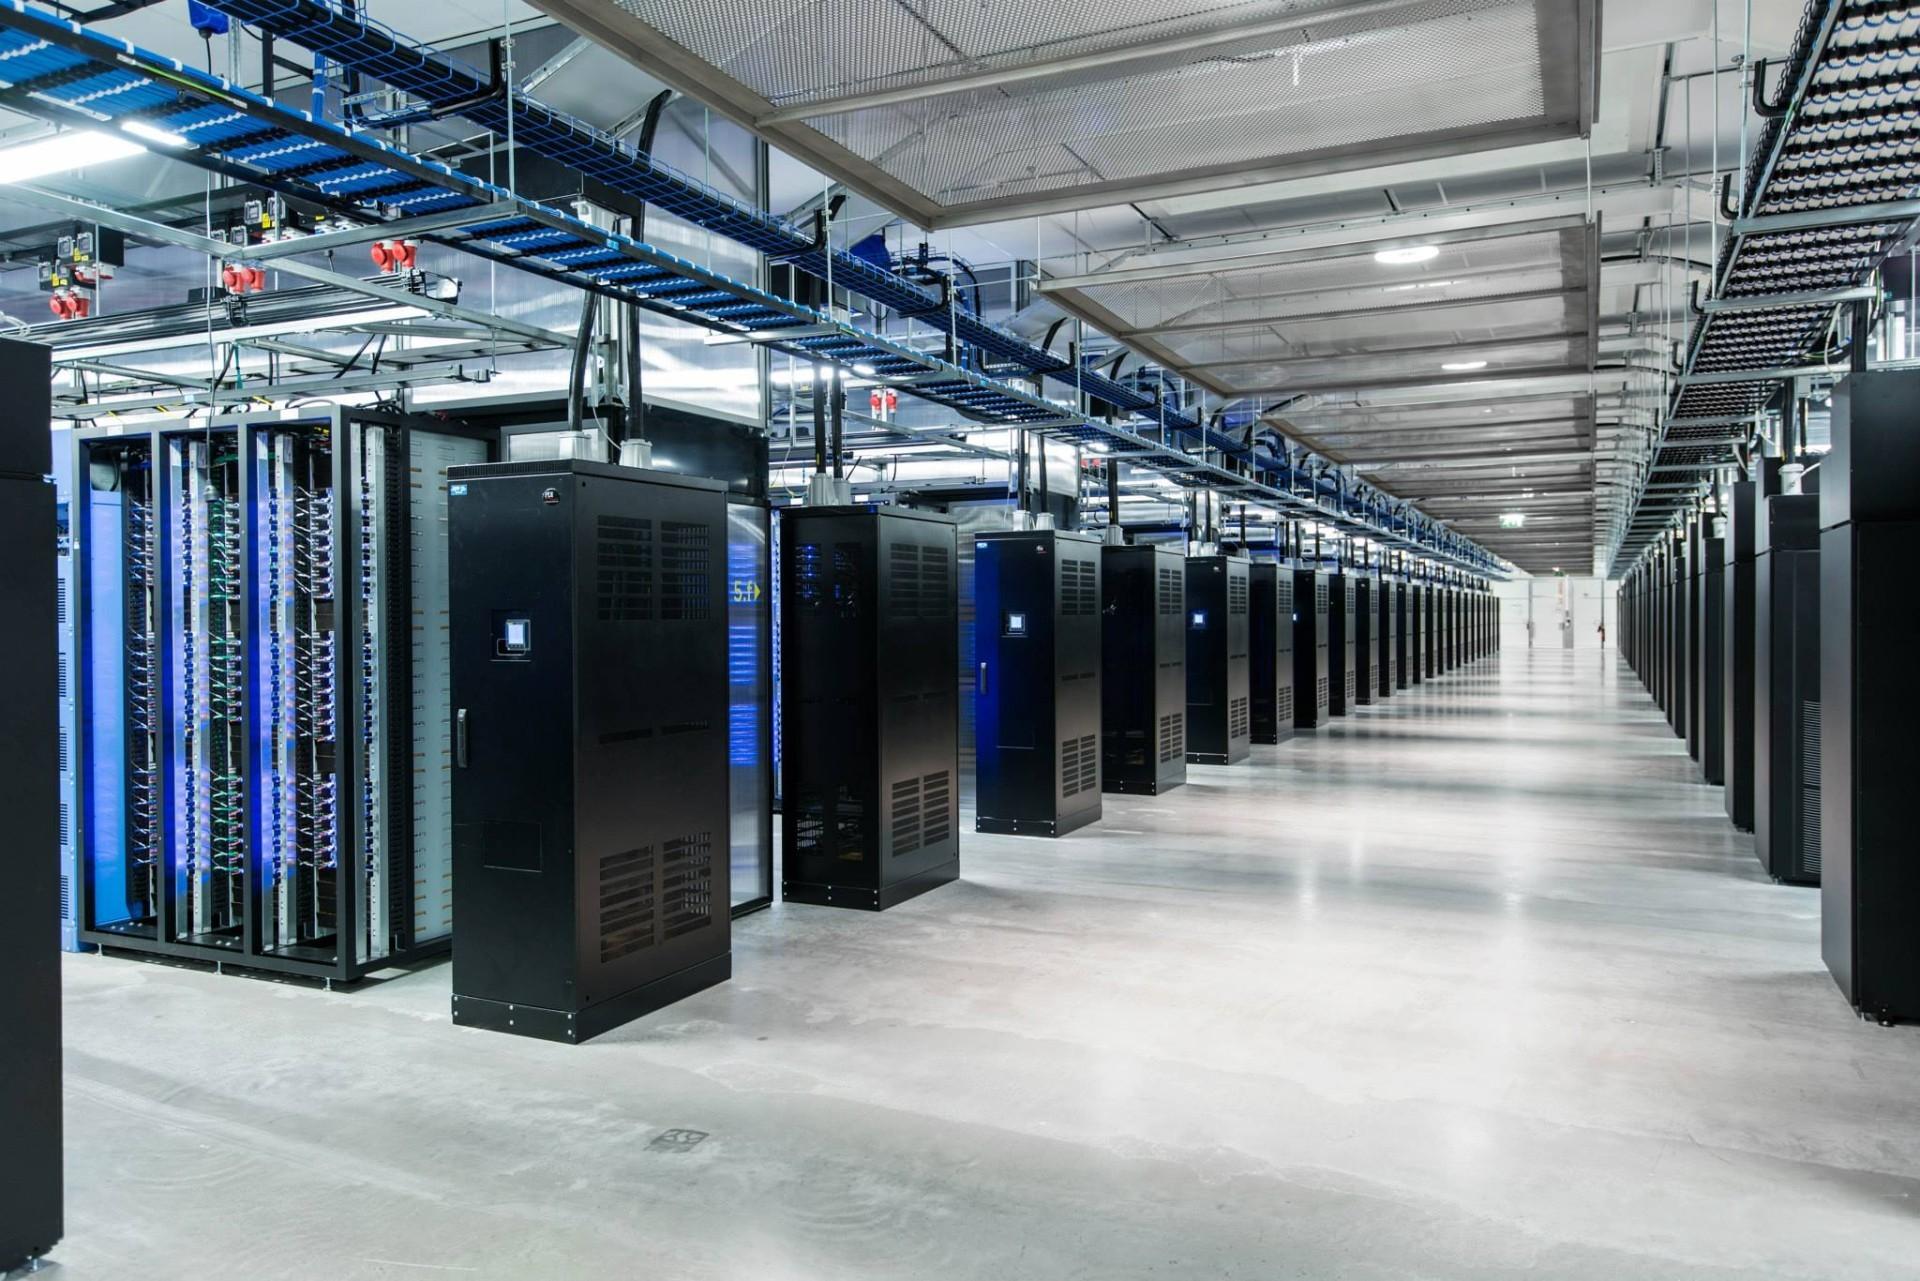 Facebook обвиняют в плагиате дата-центров - 6